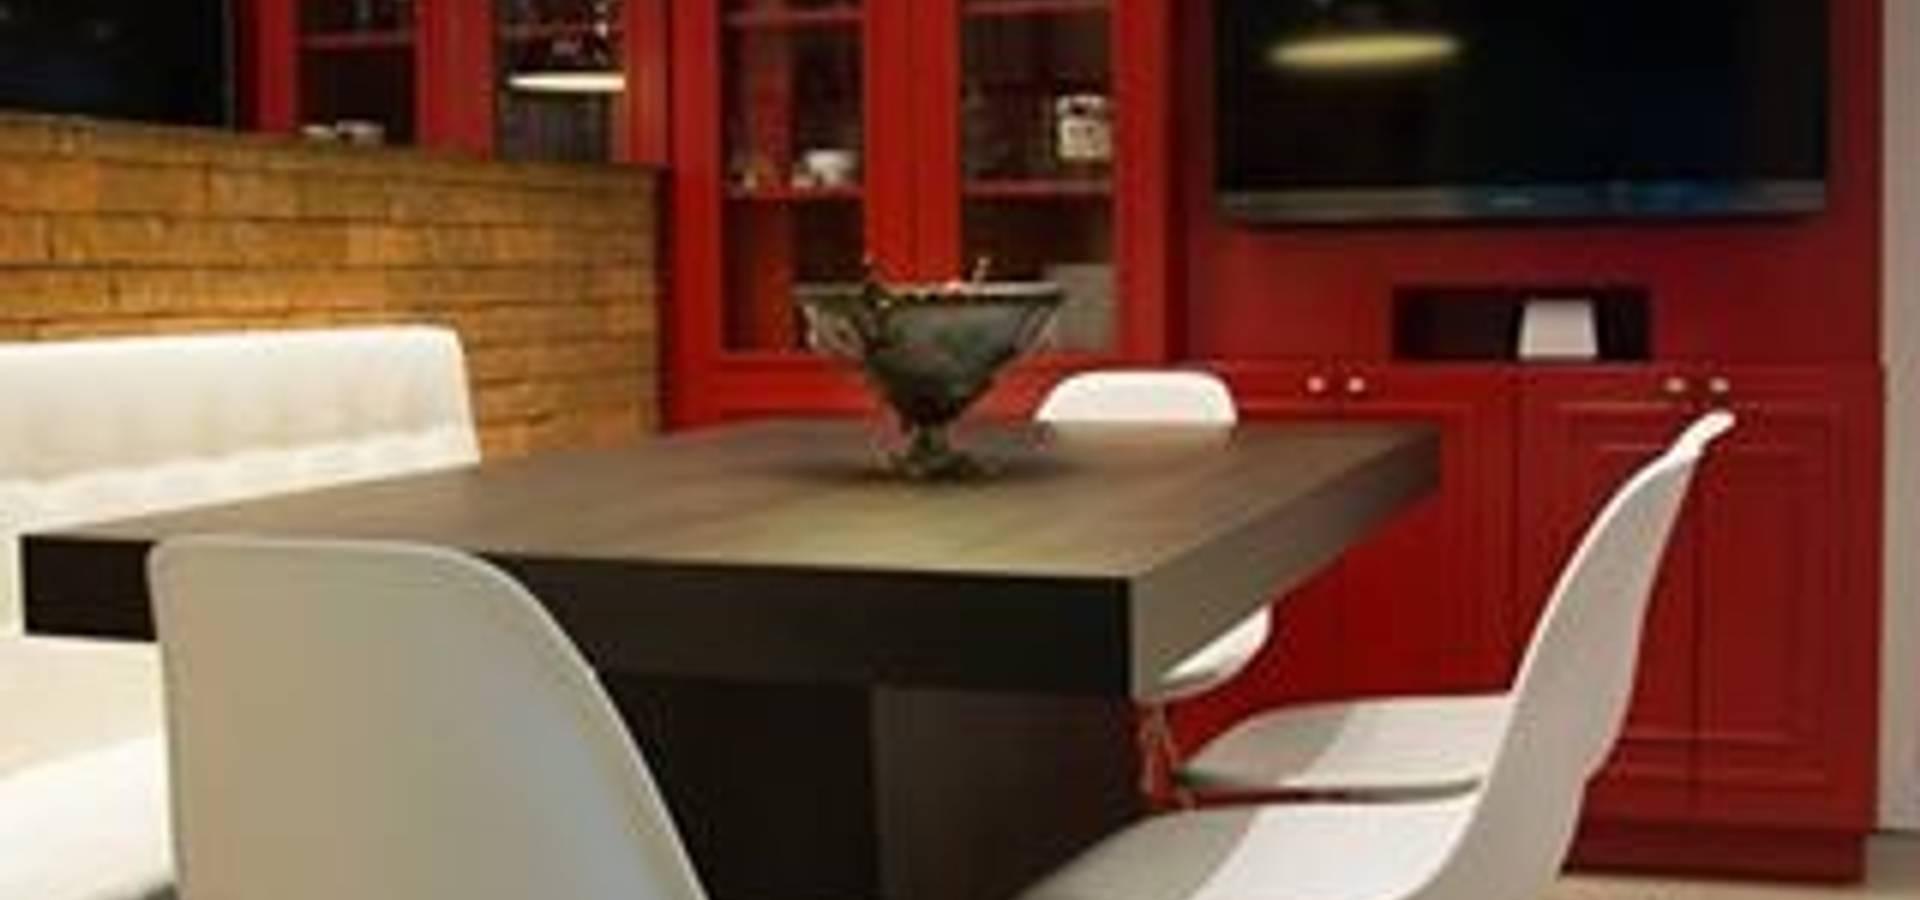 T+H arquitetura & interiores